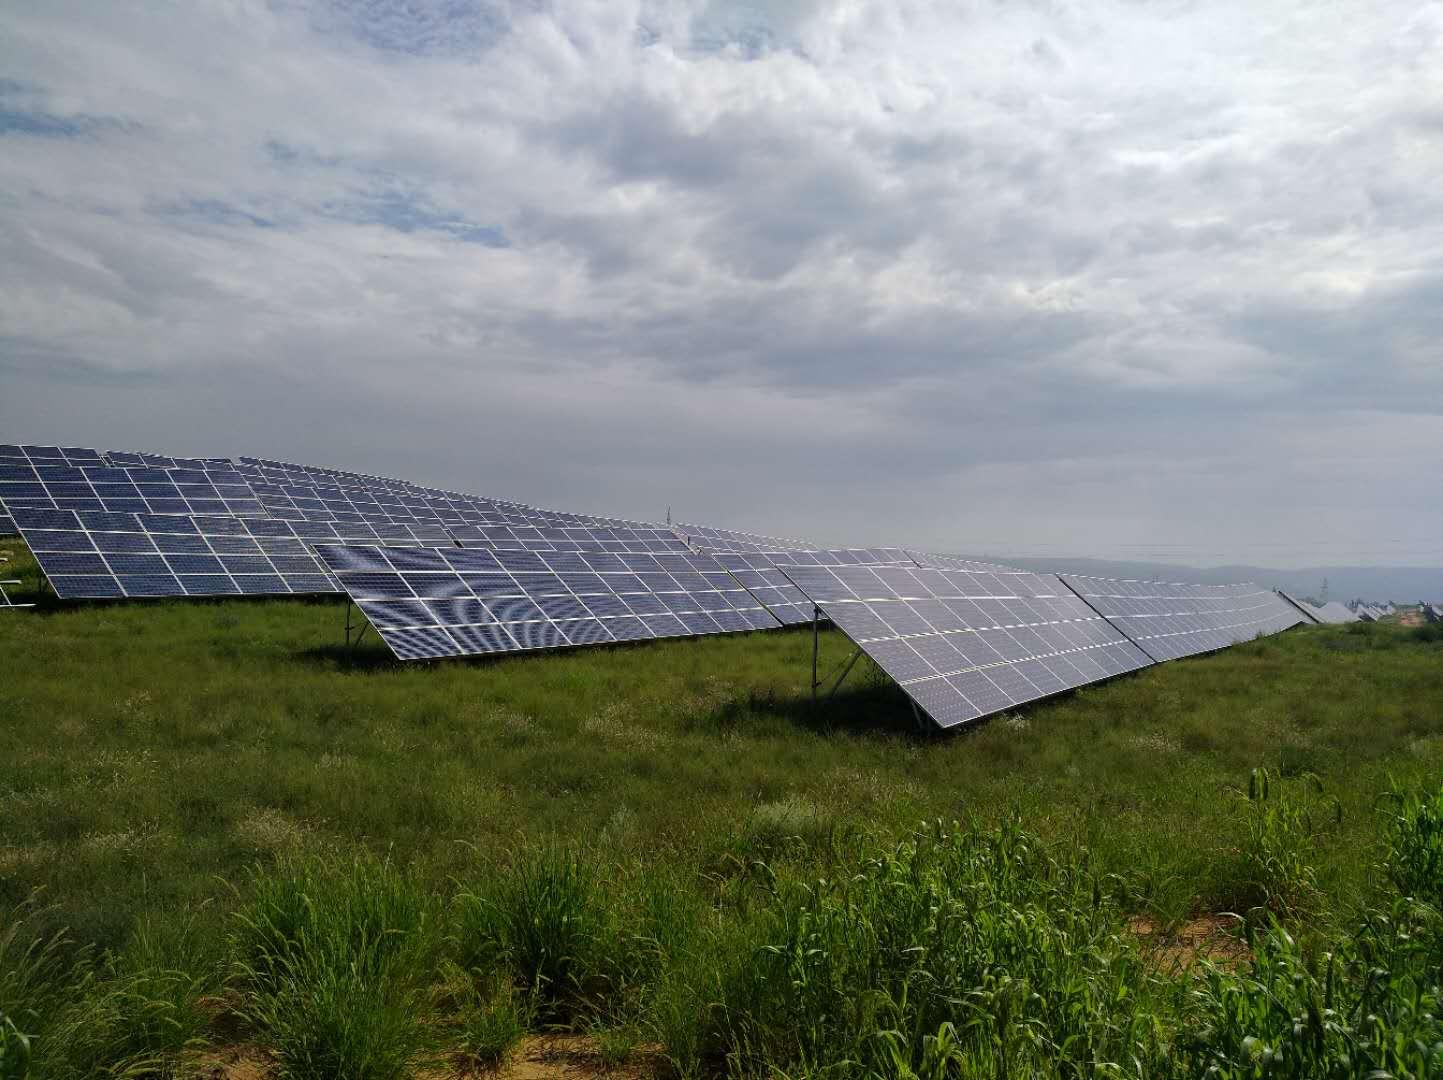 神木市錦綠苑現代農業發展有限公司2×20MW分布式光伏發電項目